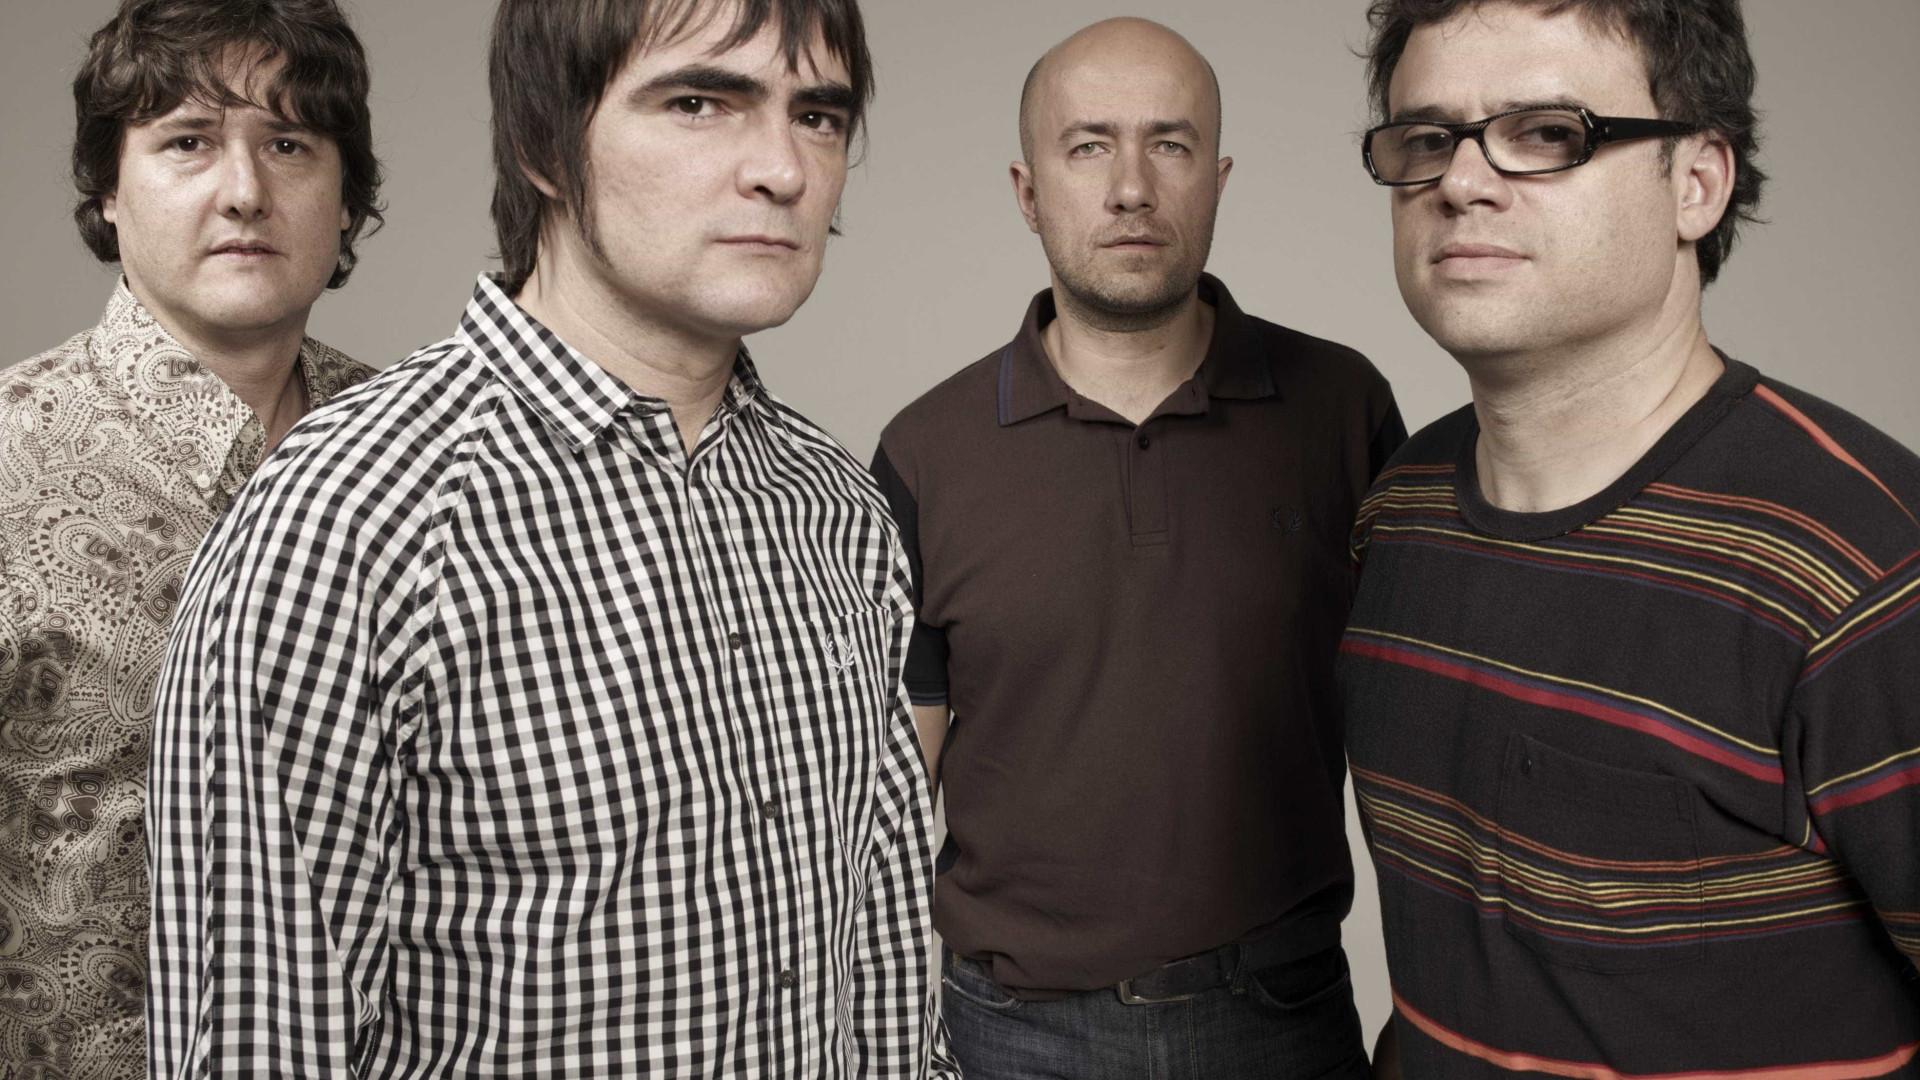 Skank anuncia separação da banda após 30 anos de carreira